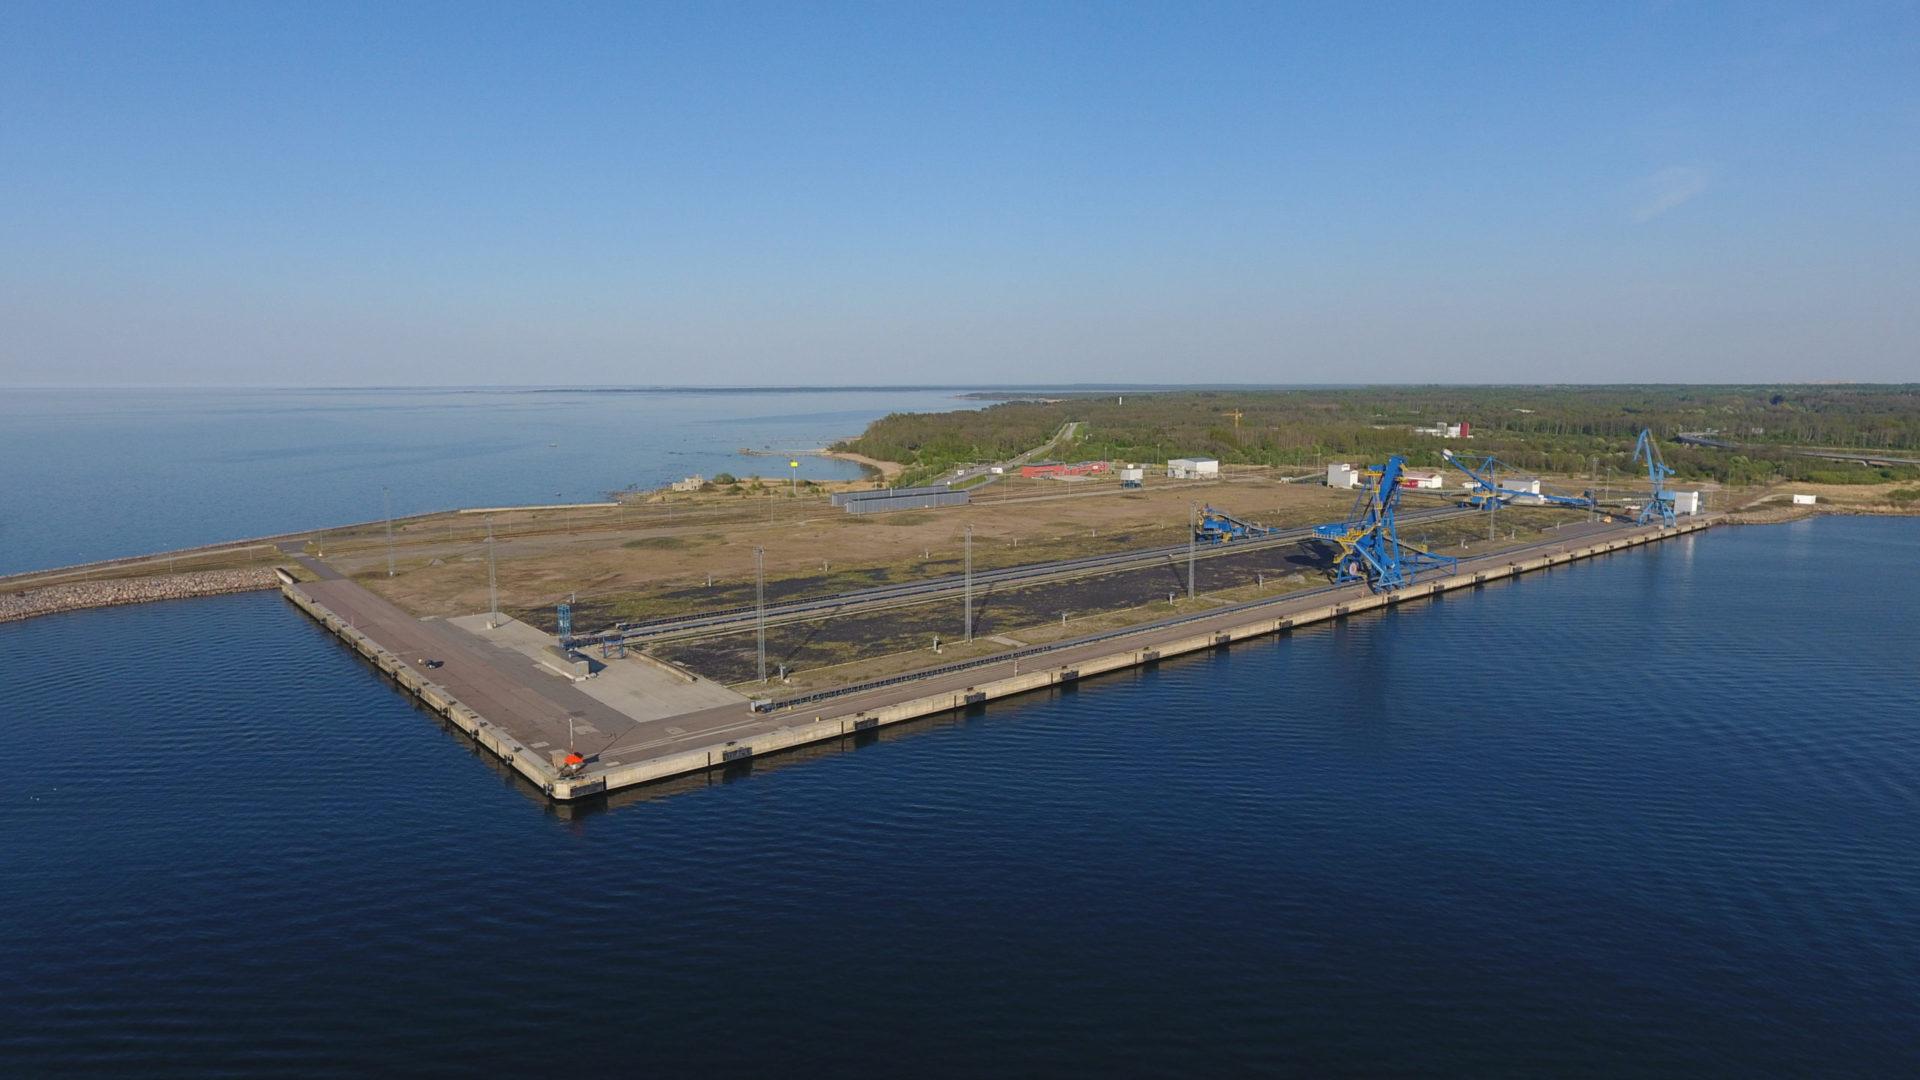 Piers 31-33 of port Muuga, Estonia